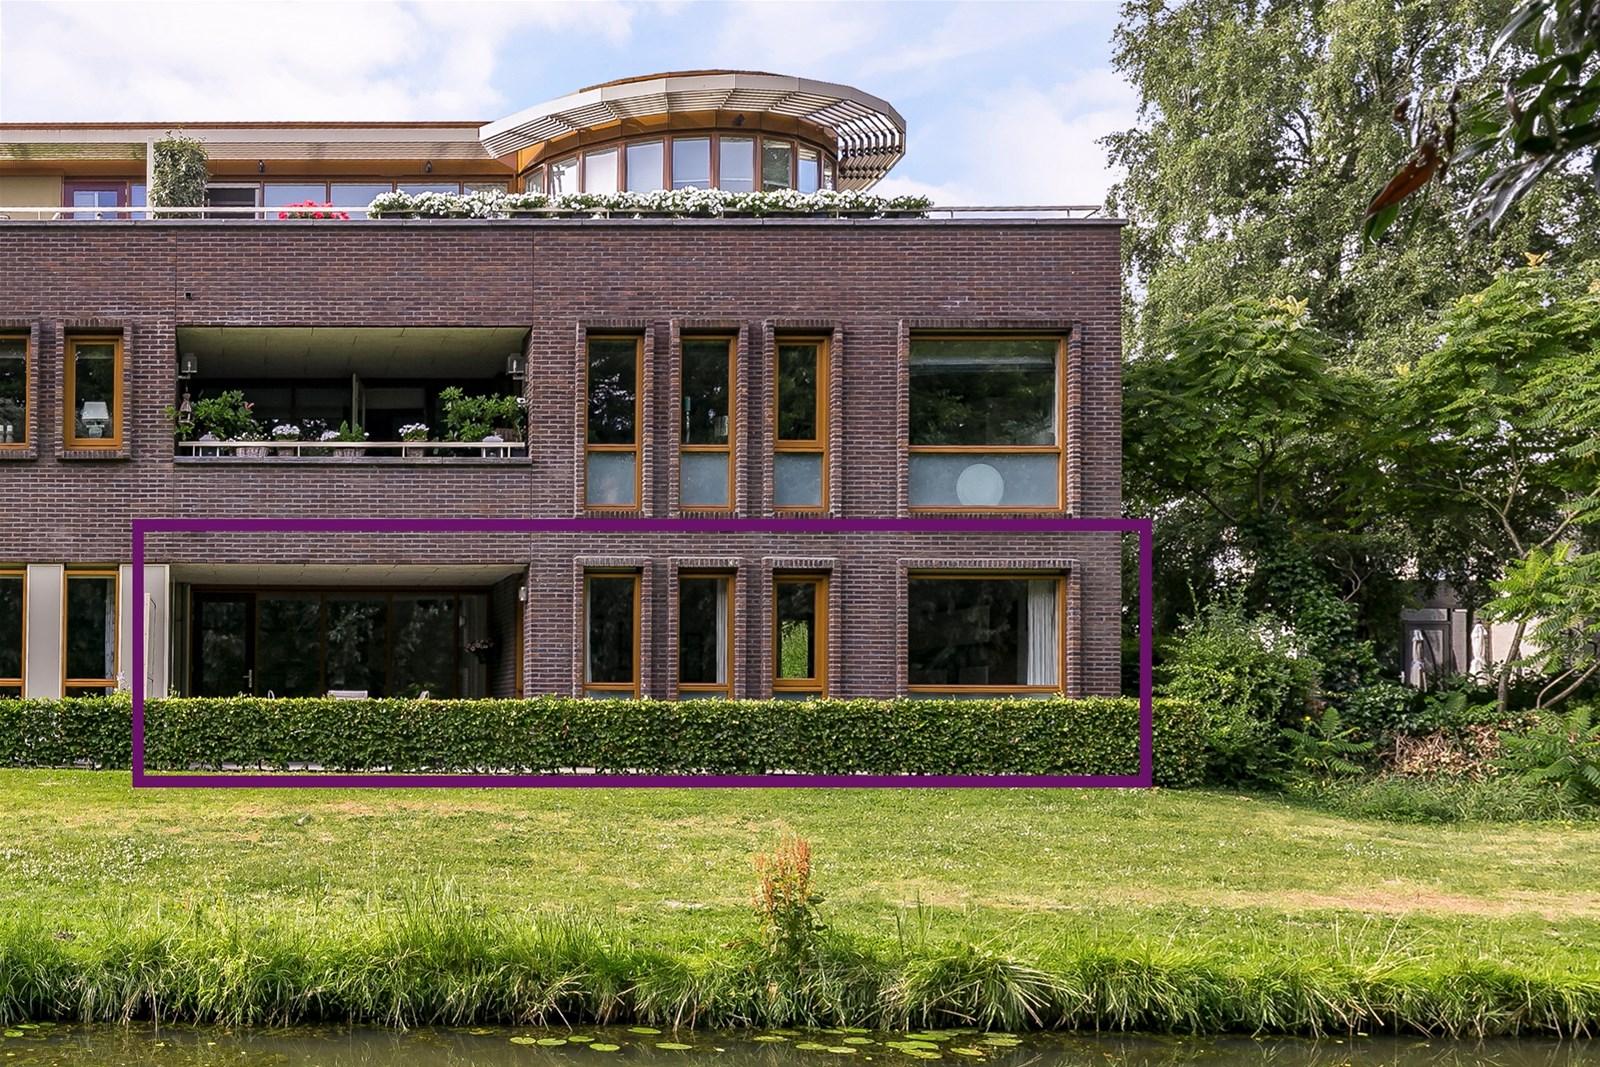 De Woonkamer Dordrecht : Koningstraat 410 dordrecht molenaarcove